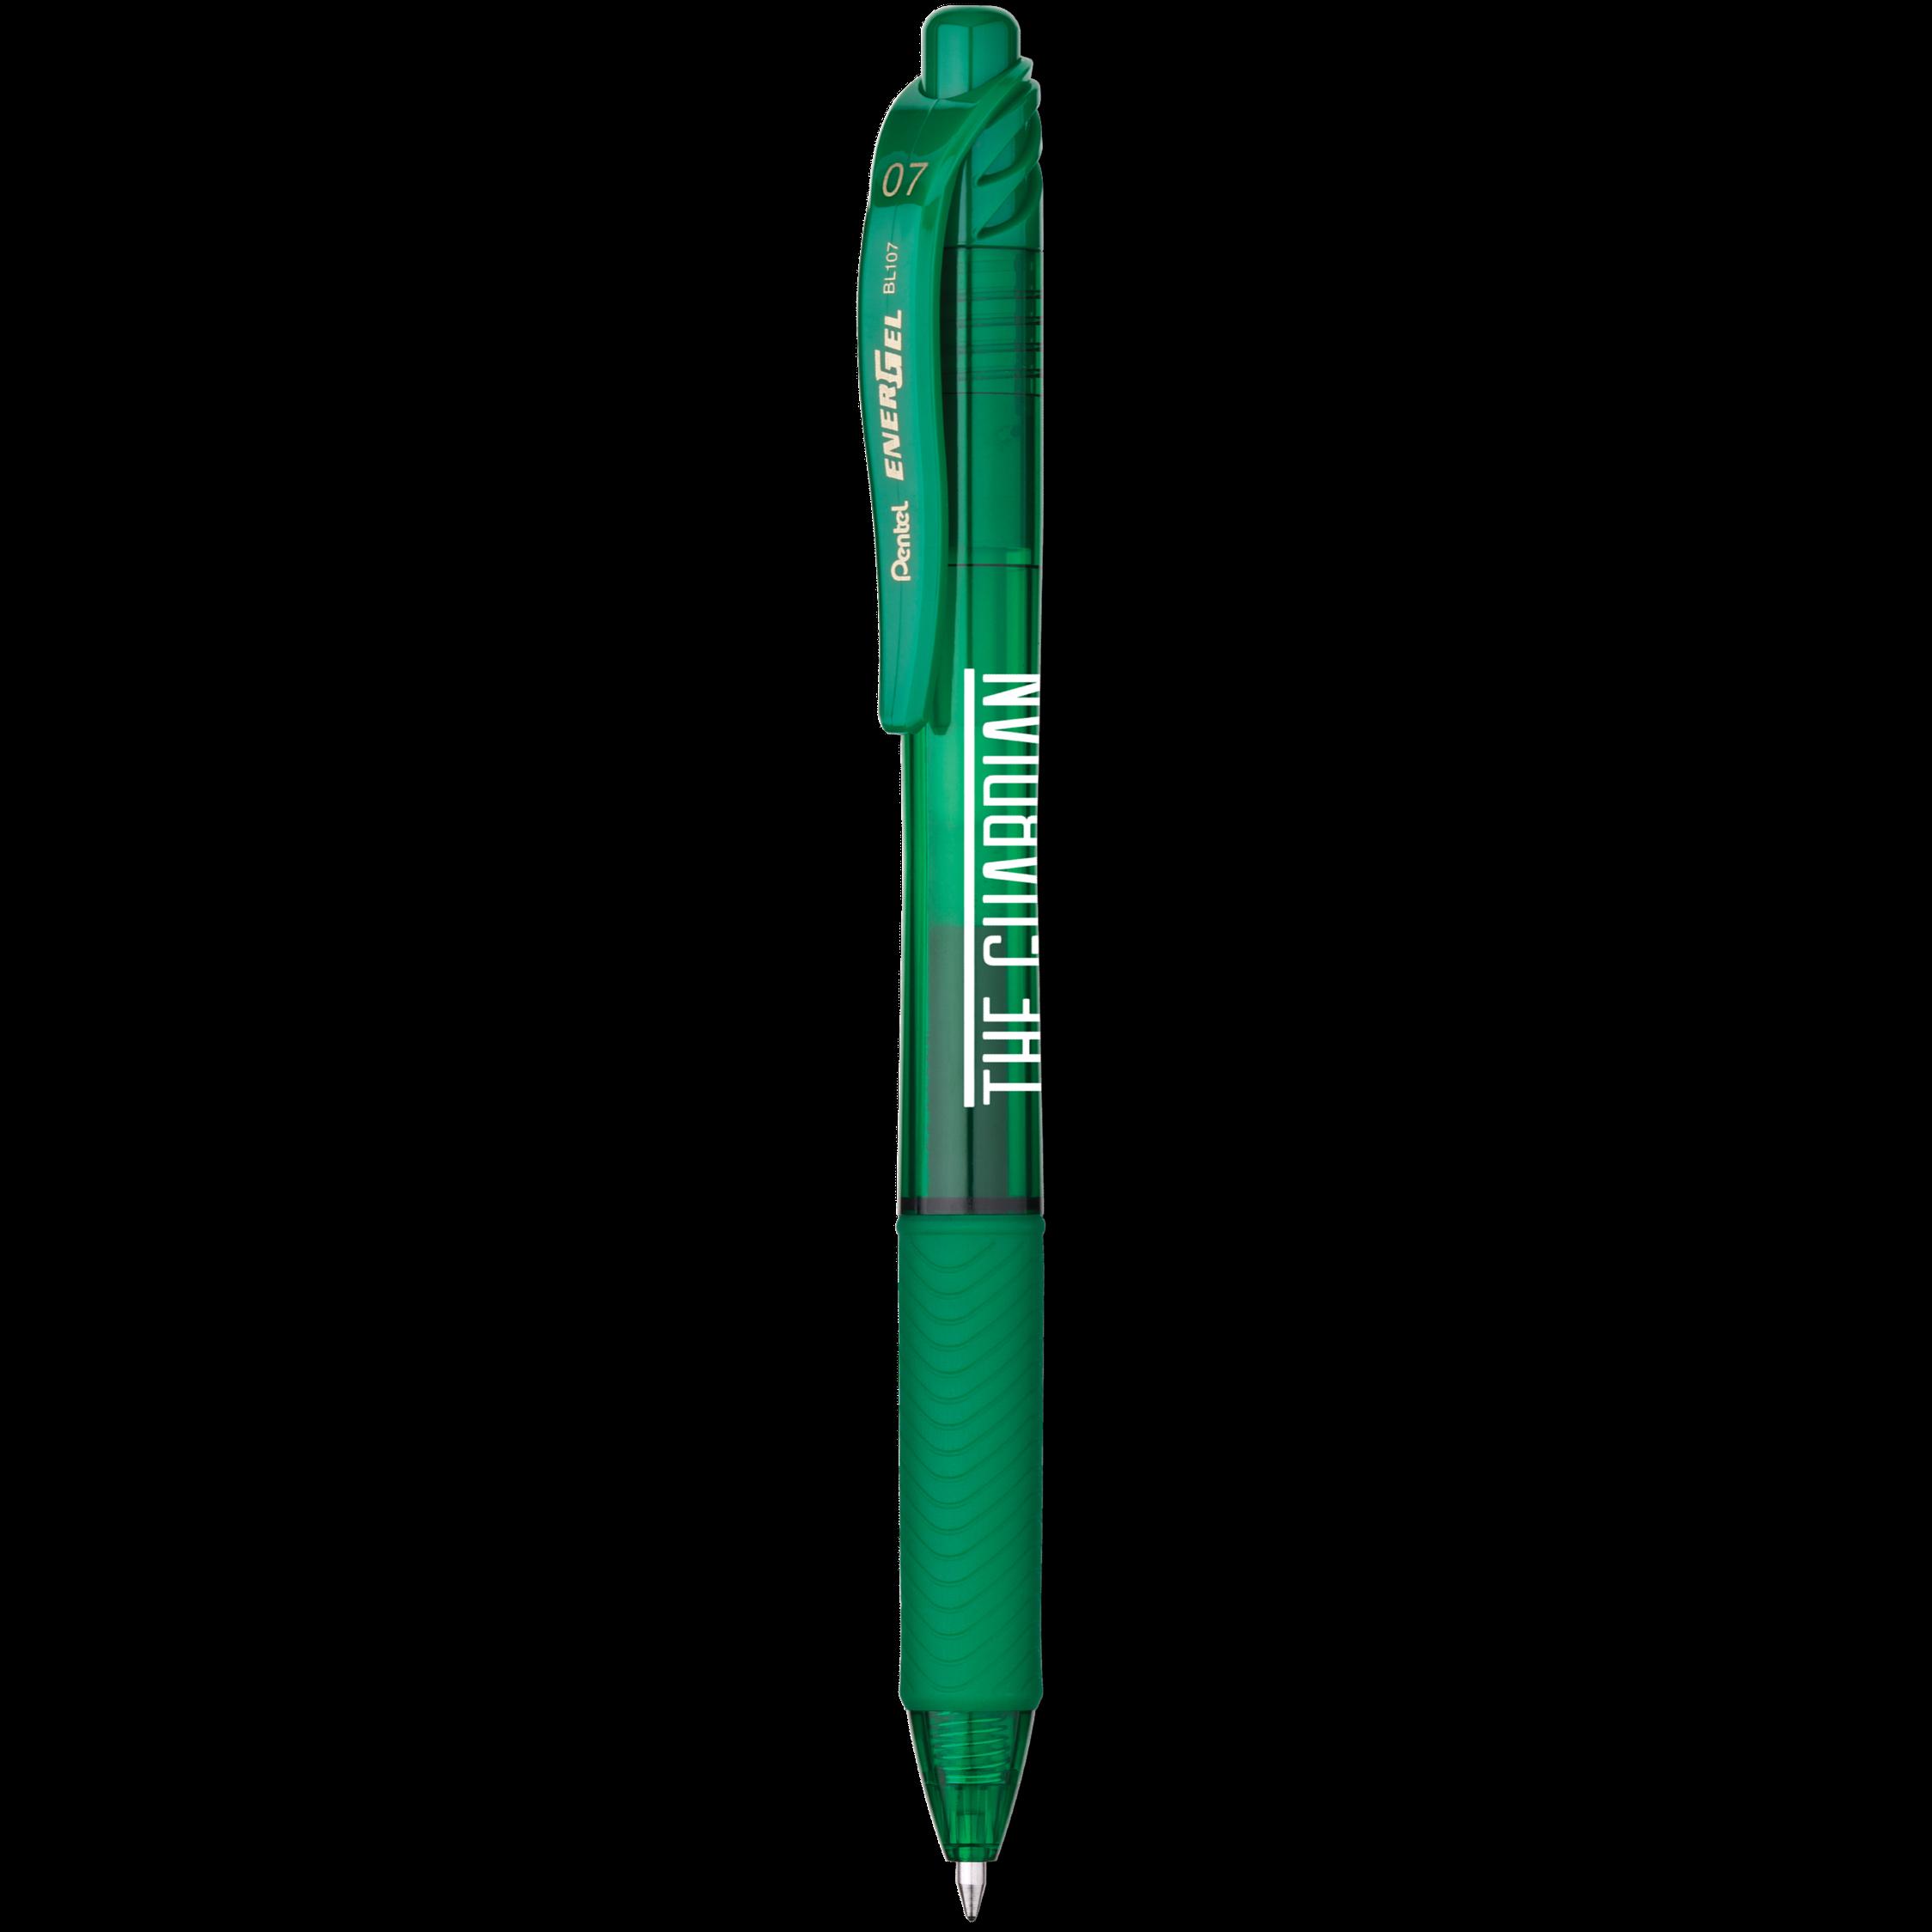 Pentel EnerGel-X RT Gel Pen in Green